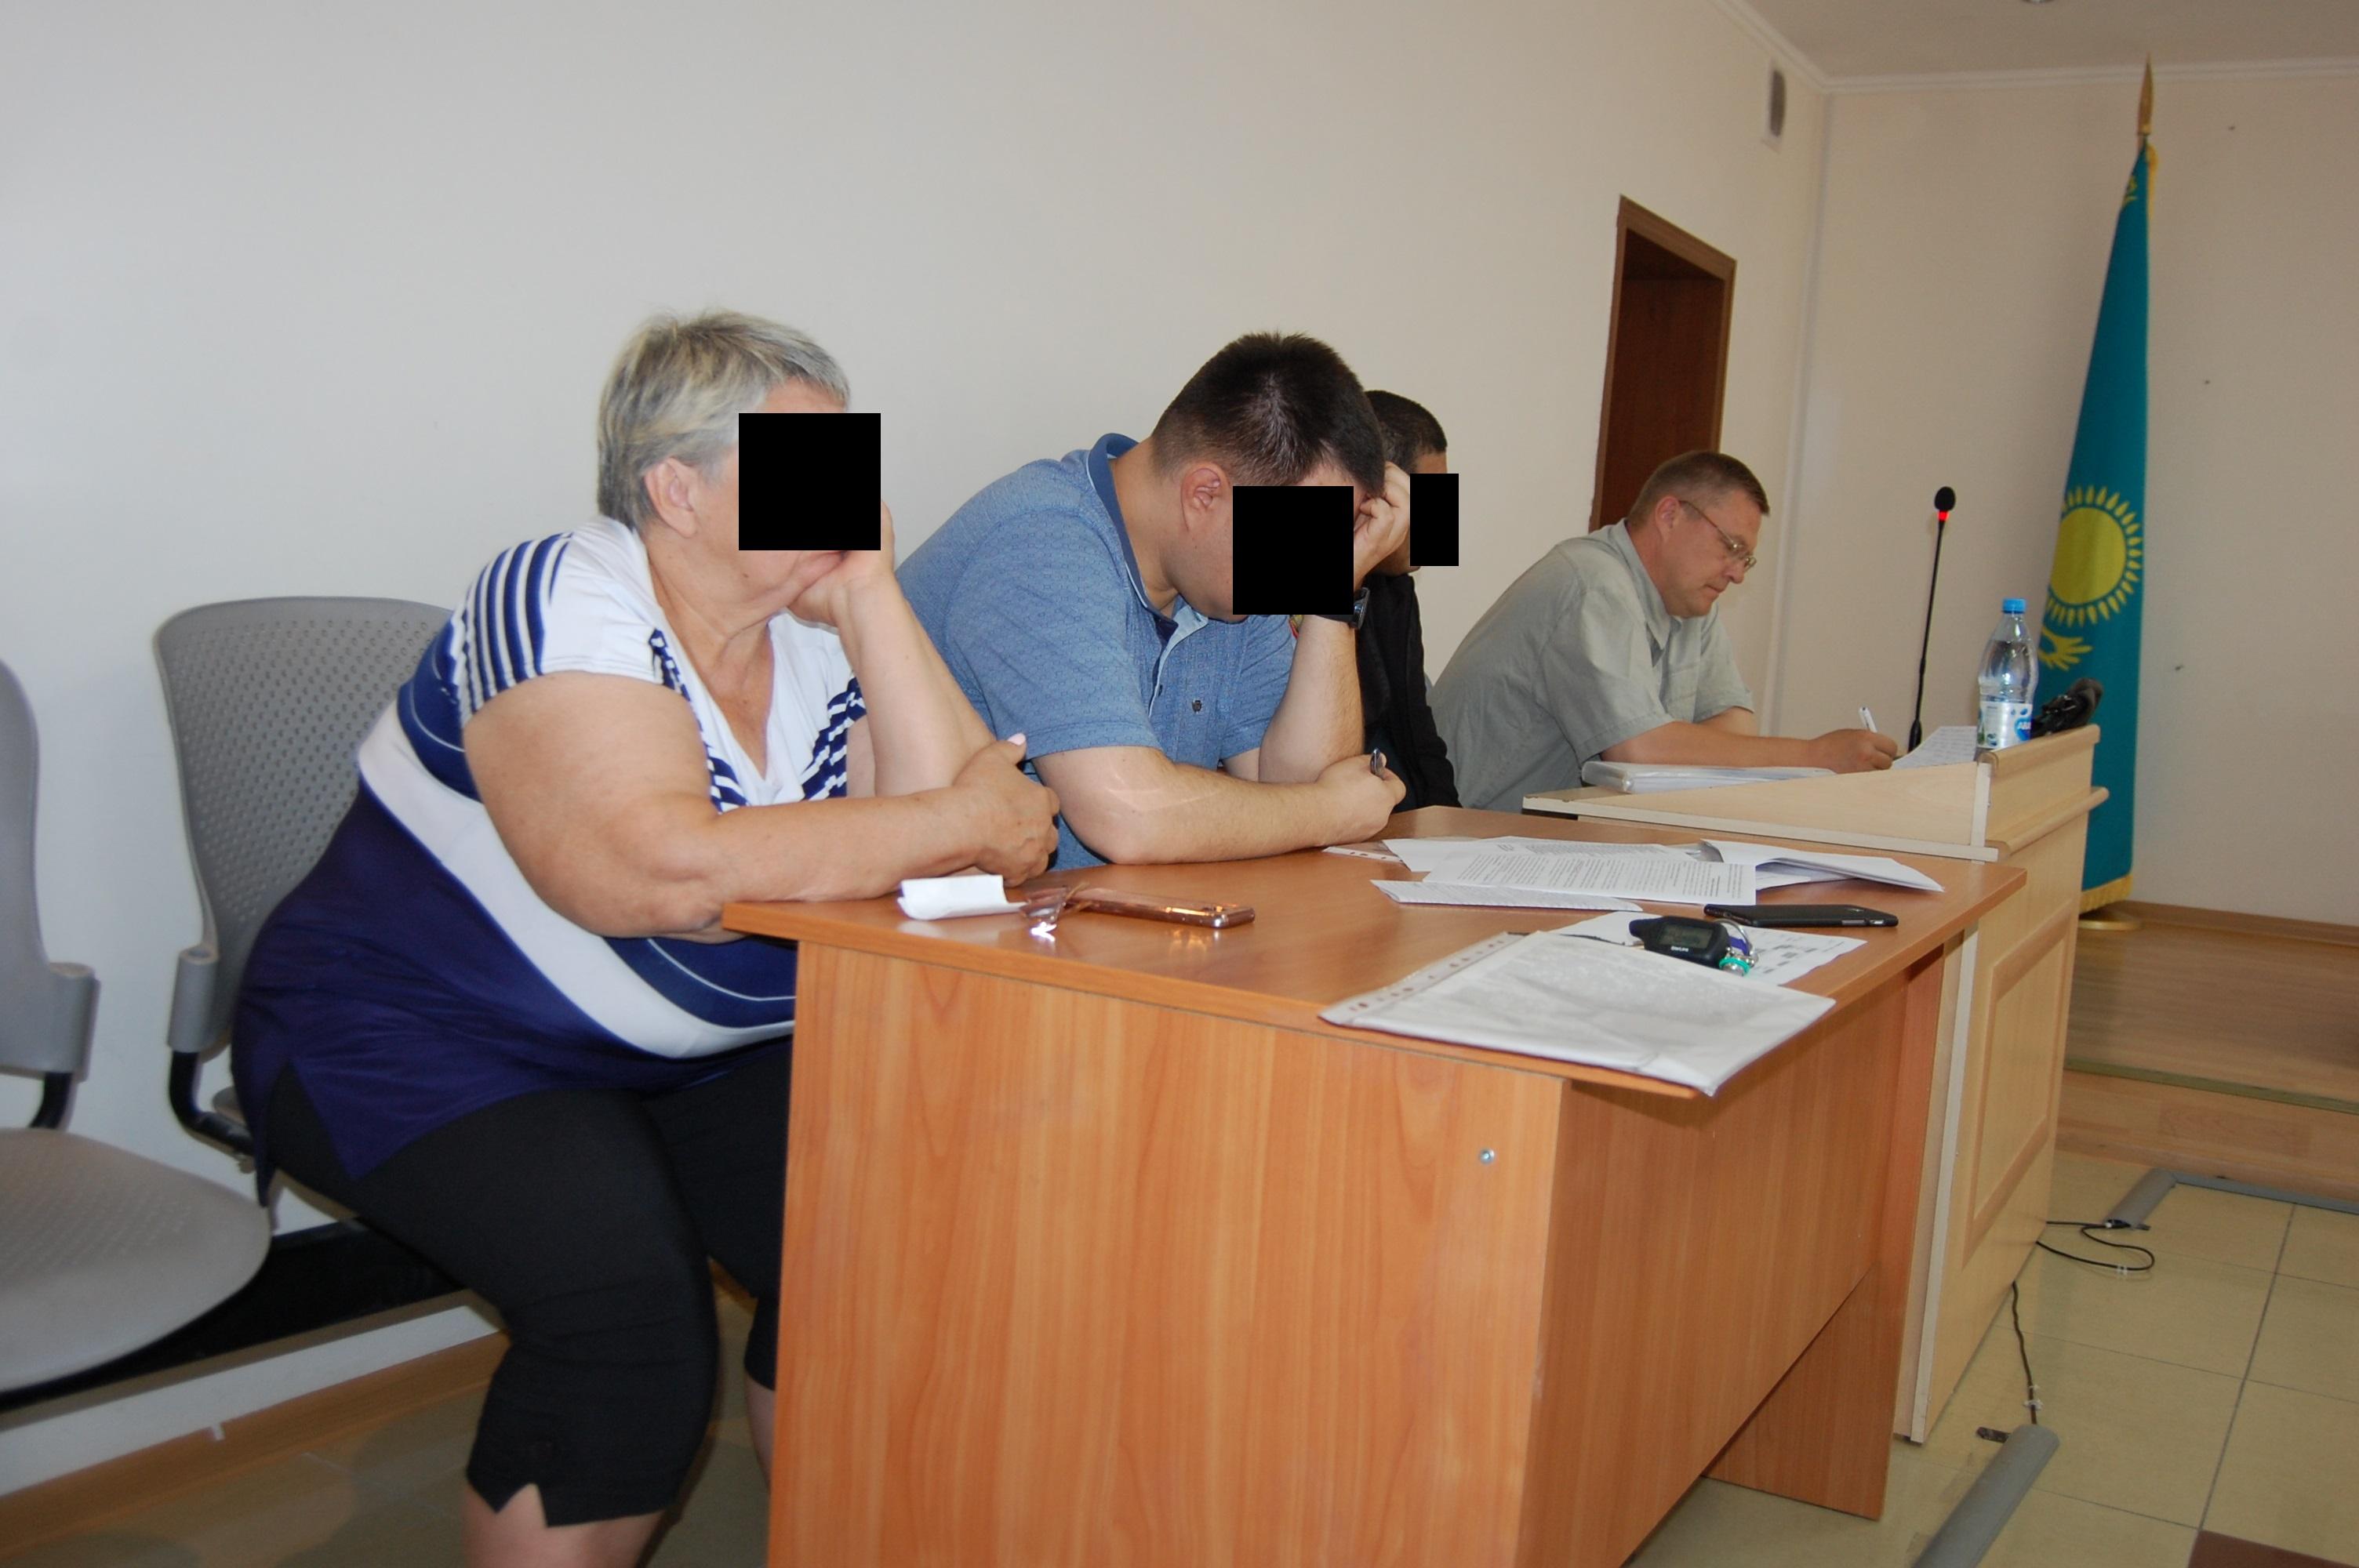 12,5 лет лишения свободы в общем запросил гособвинитель для экс-сотрудников отдела земельных отношений Костаная и взяткодателя